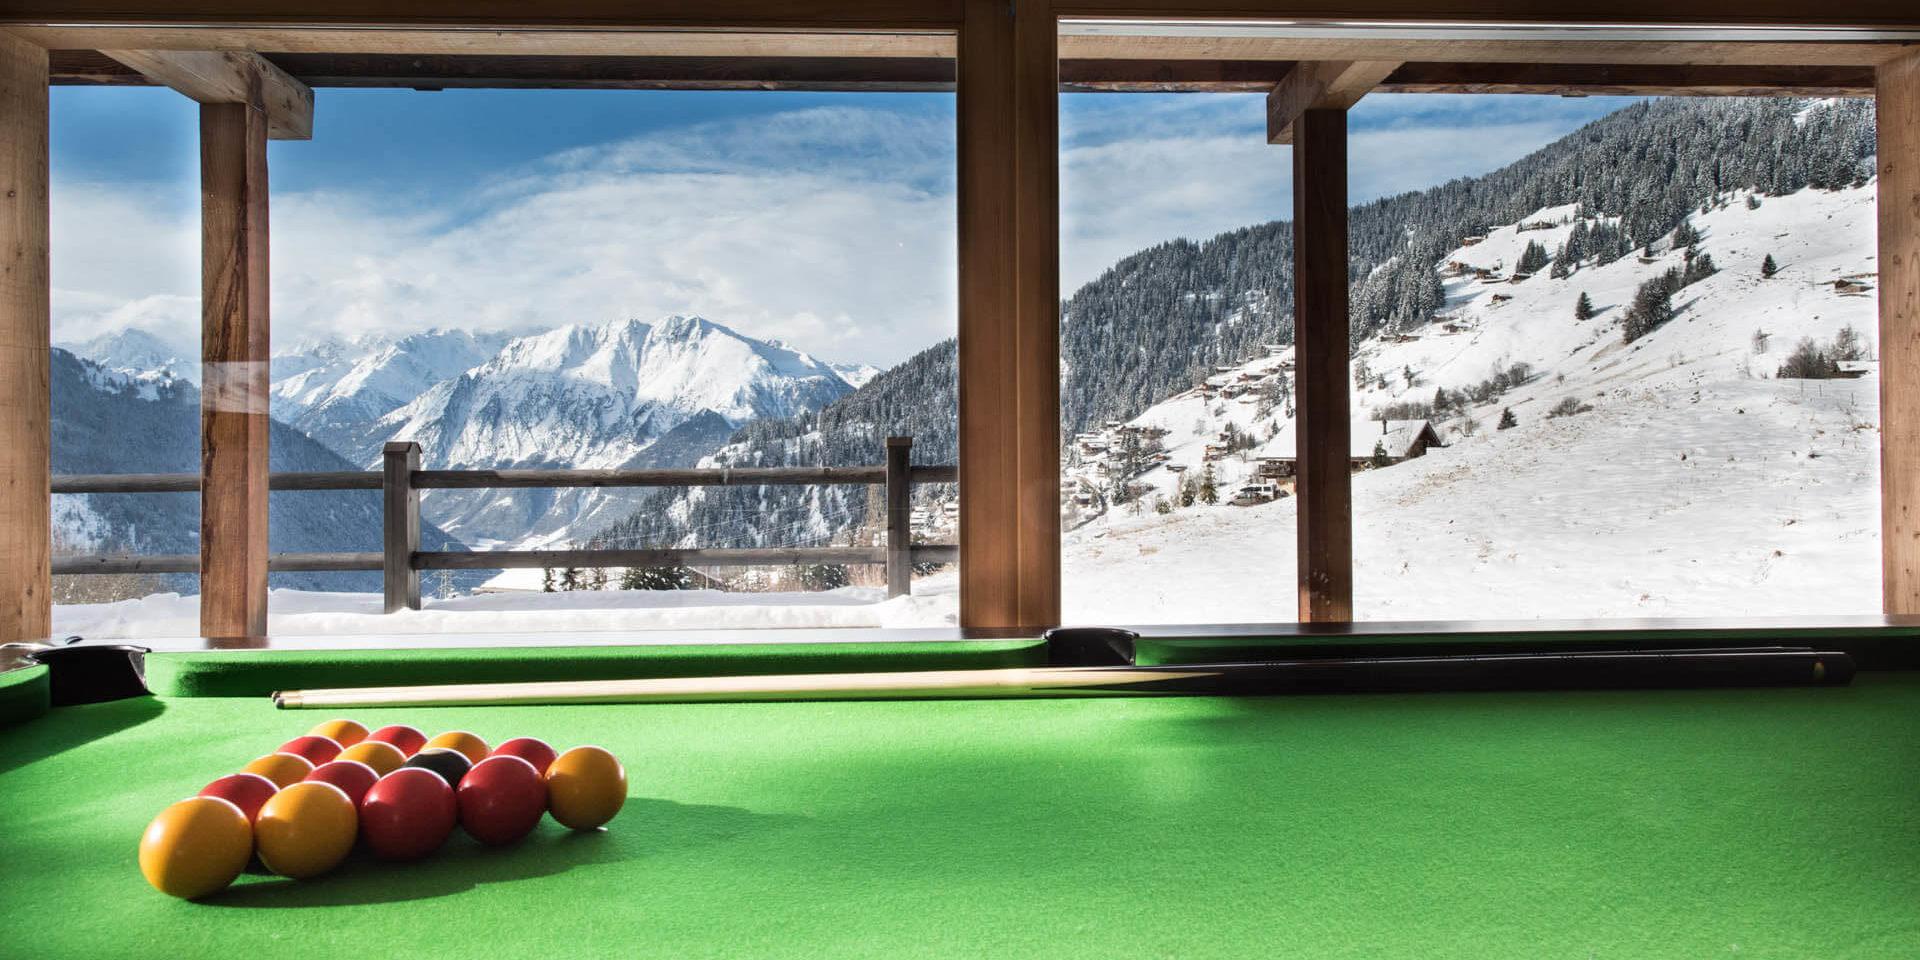 Chalet Rock Verbier Les 4 Vallees Zwitserland wintersport skivakantie luxe pooltafel uitzicht sneeuw bergen bomen chalets